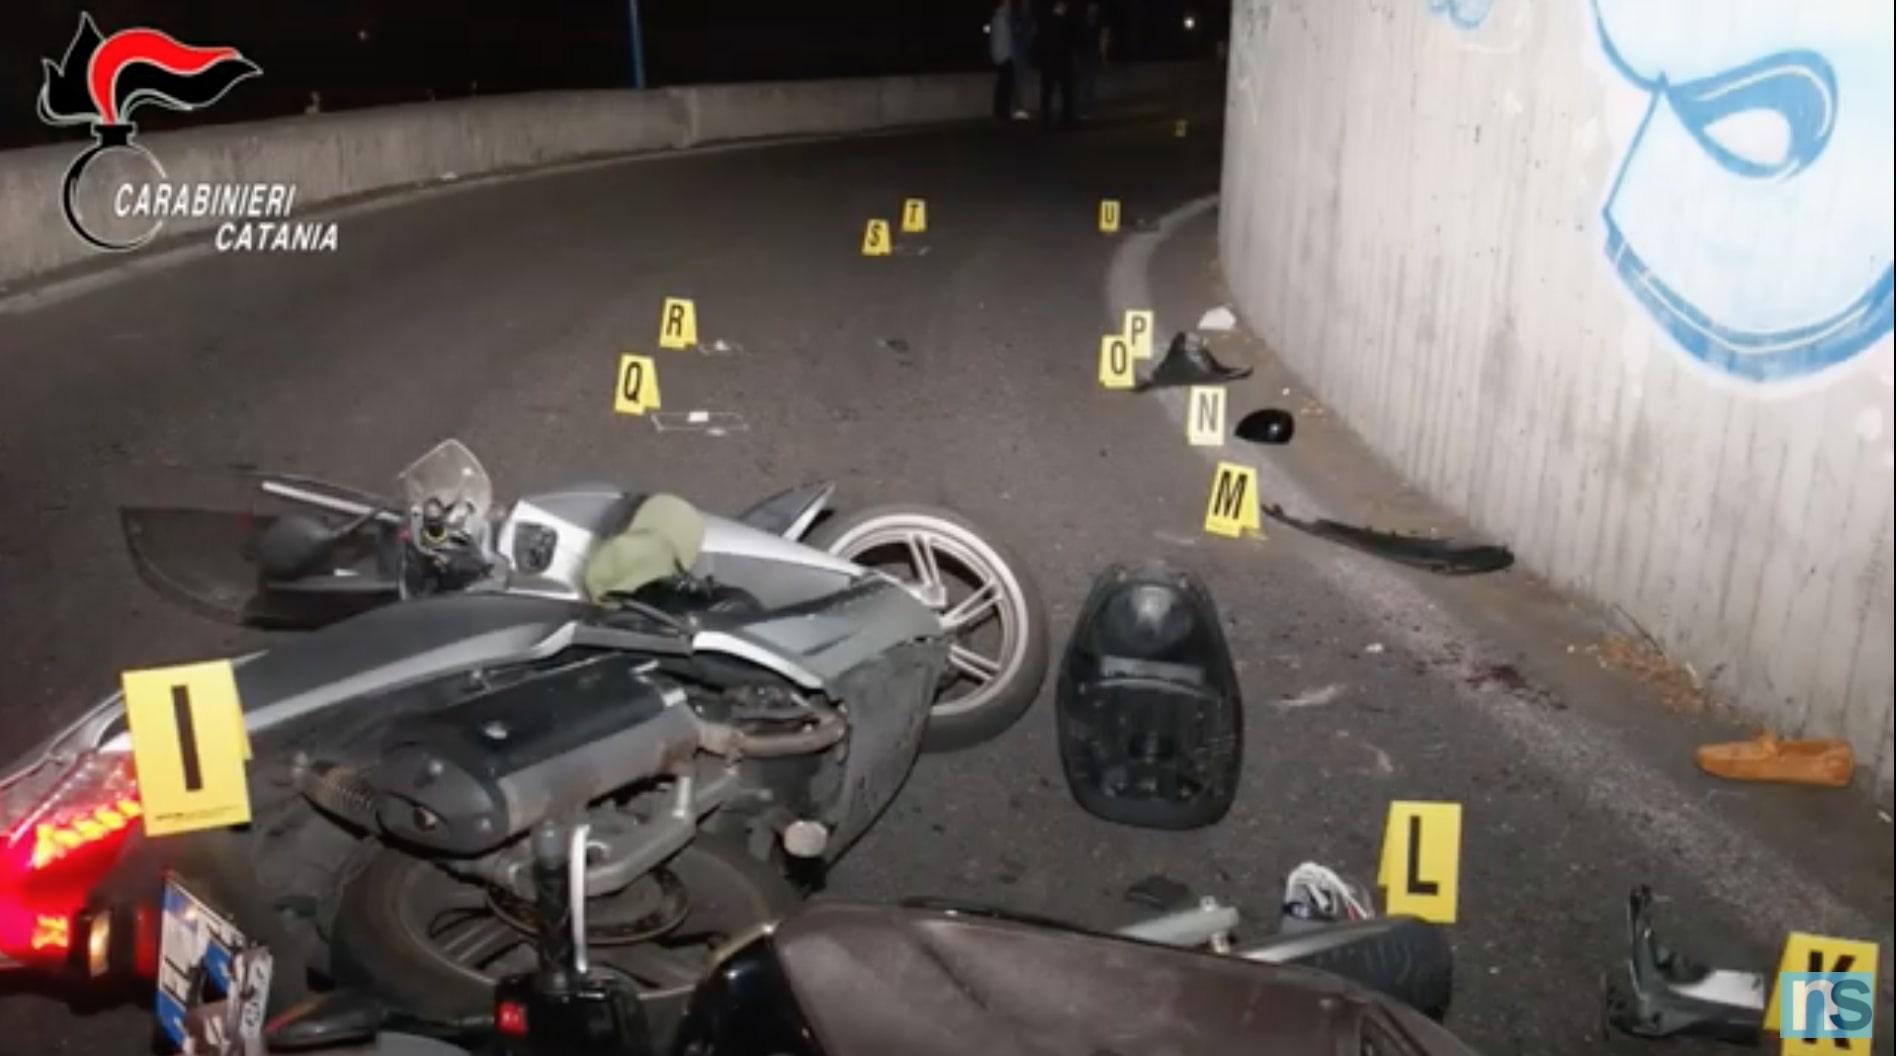 Catania, Cappello VS Cursoti Milanesi: ricostruita la sparatoria di Librino, così morirono Enzo Negativa e Luciano D'Alessandro – VIDEO